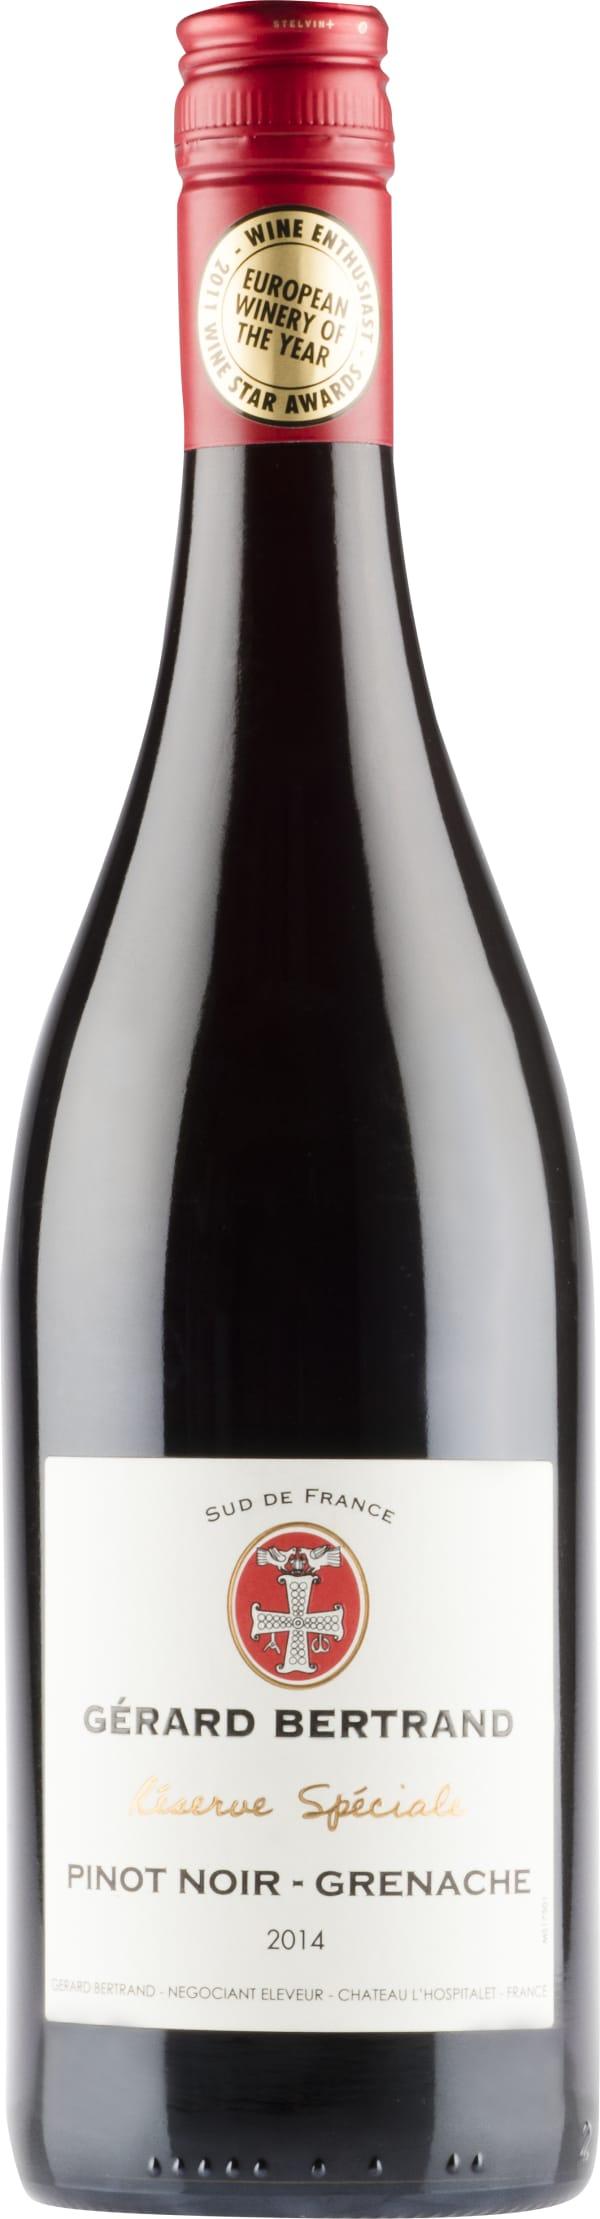 Gérard Bertrand Réserve Spéciale Pinot Noir Grenache 2014